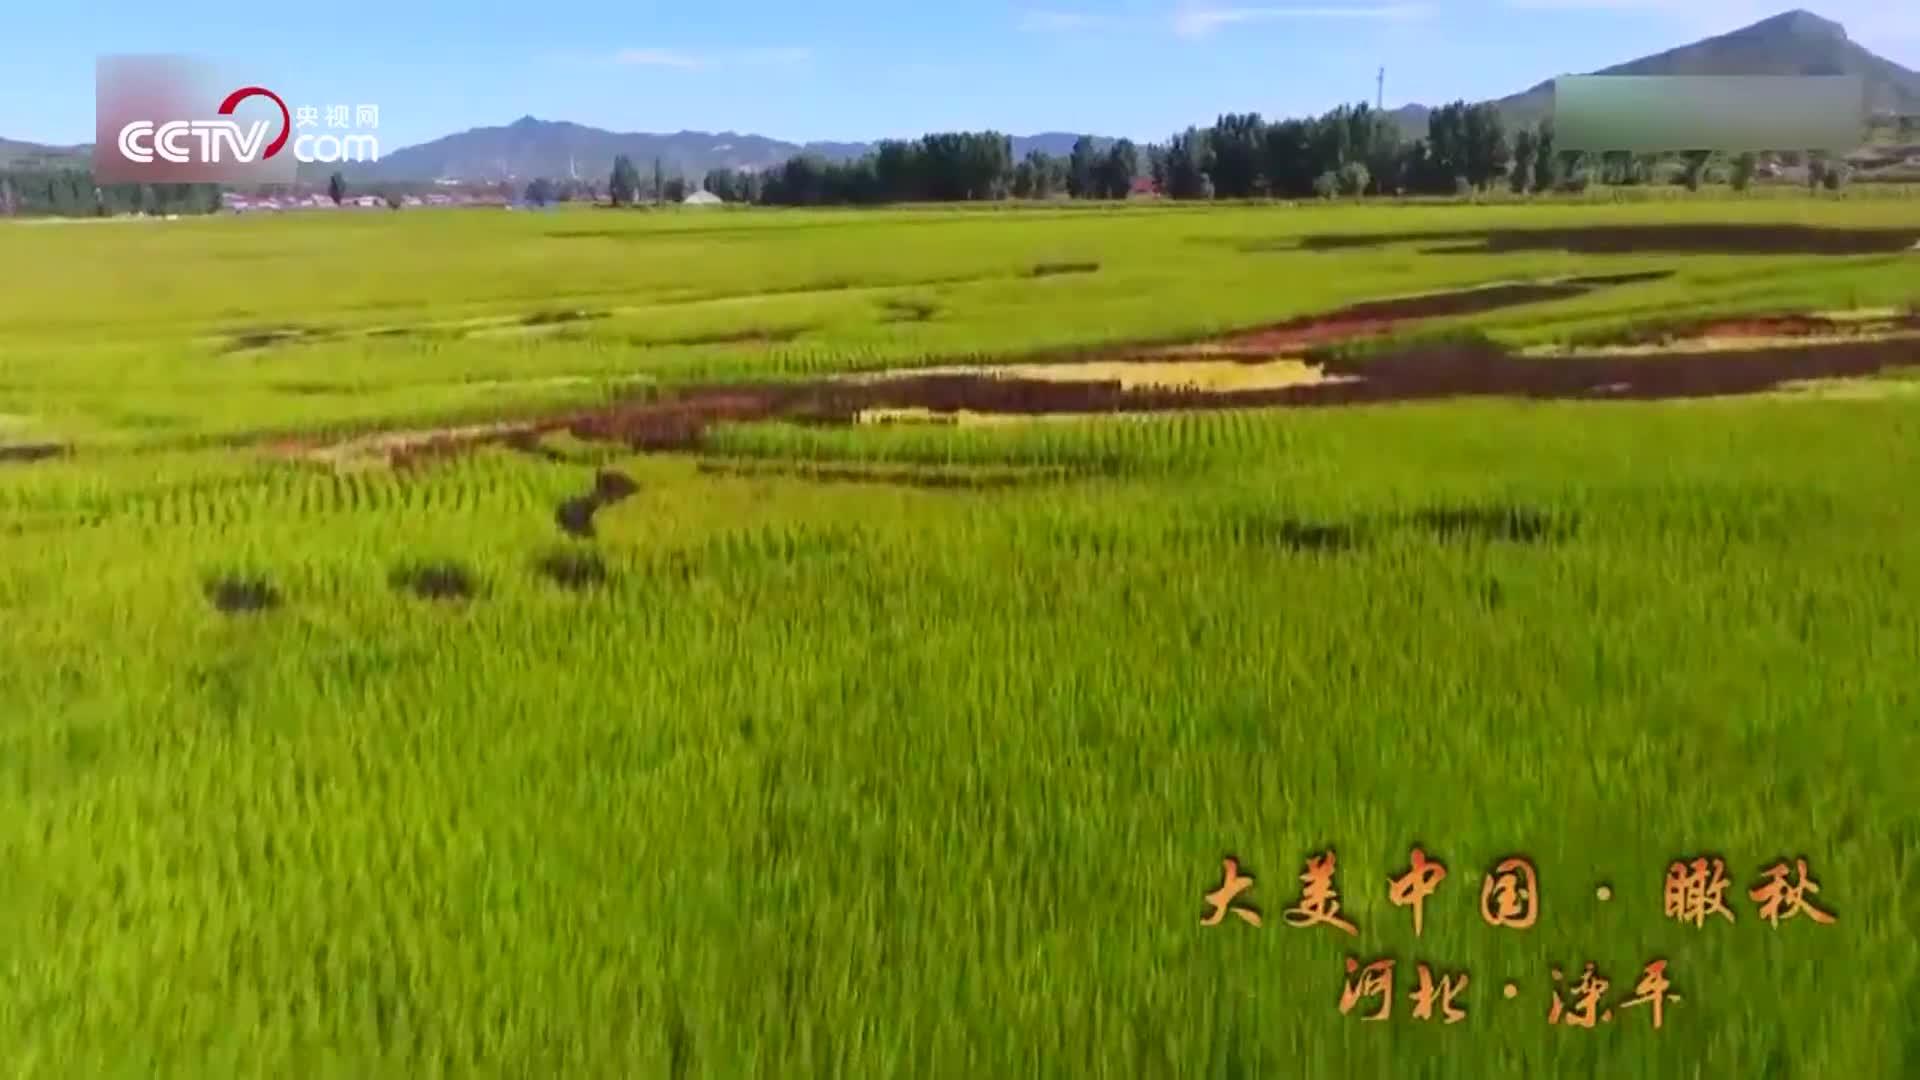 [视频]快来快来数一数,田野里有几种颜色?